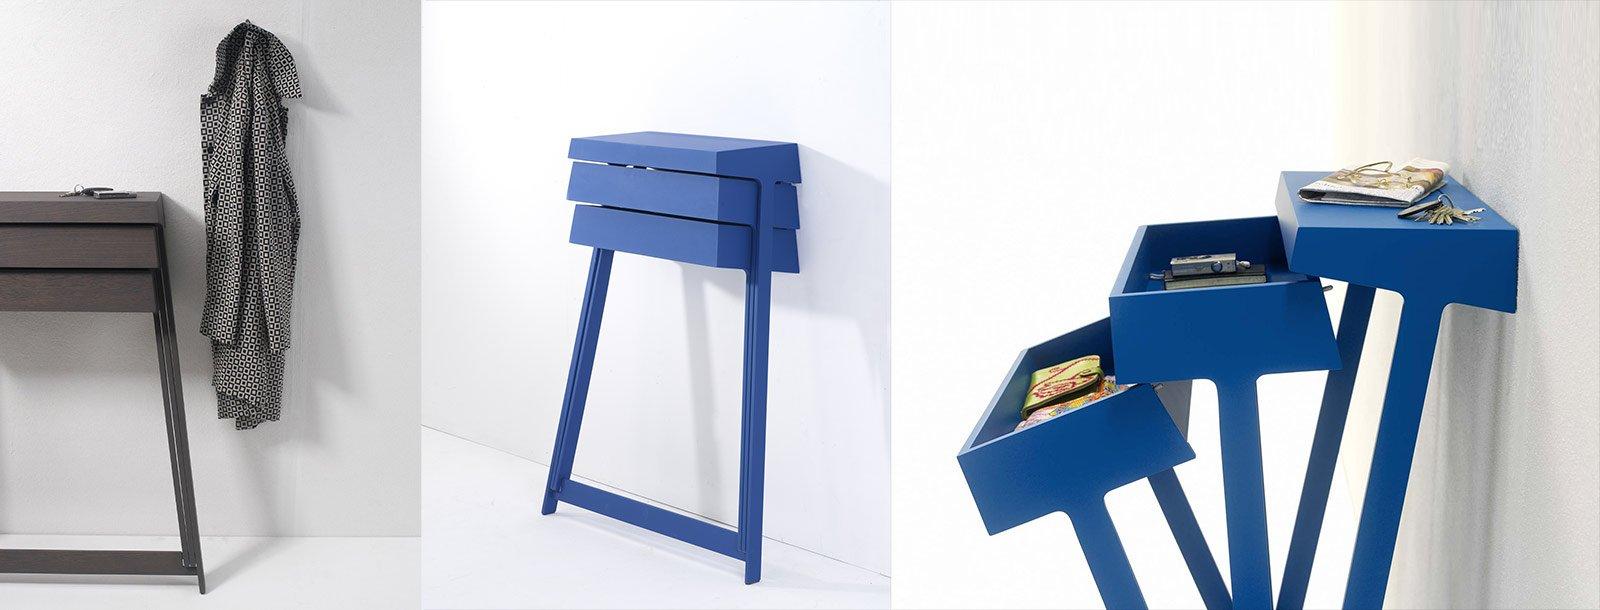 Ikea cassettiere italia : Casafacile come personalizzare i mobili ikea